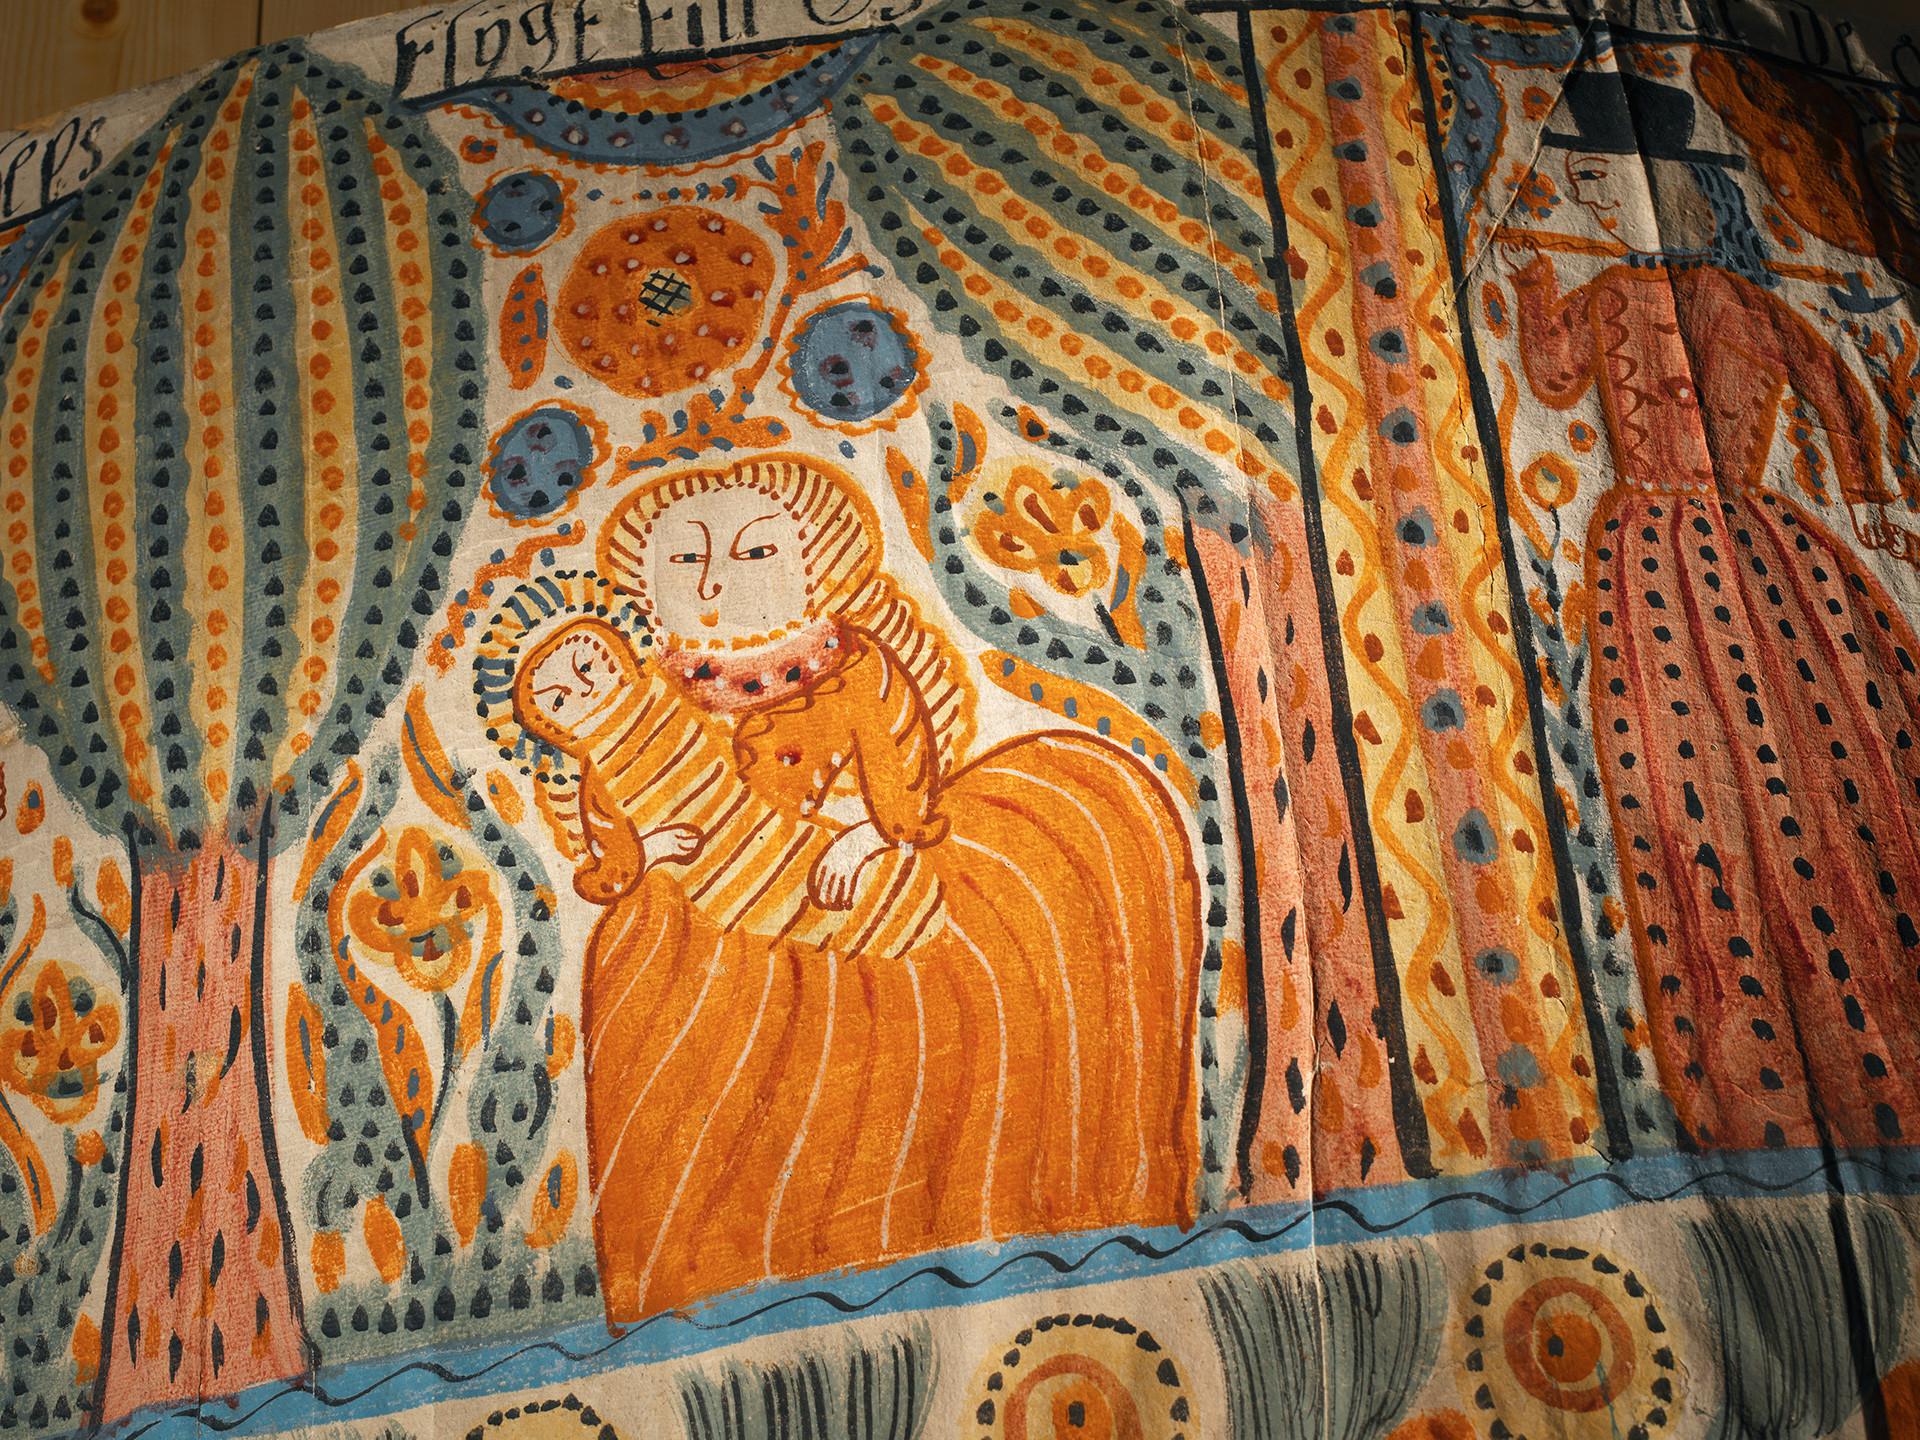 kyrkorummet-mats-landin-b0071p-0015.jpg